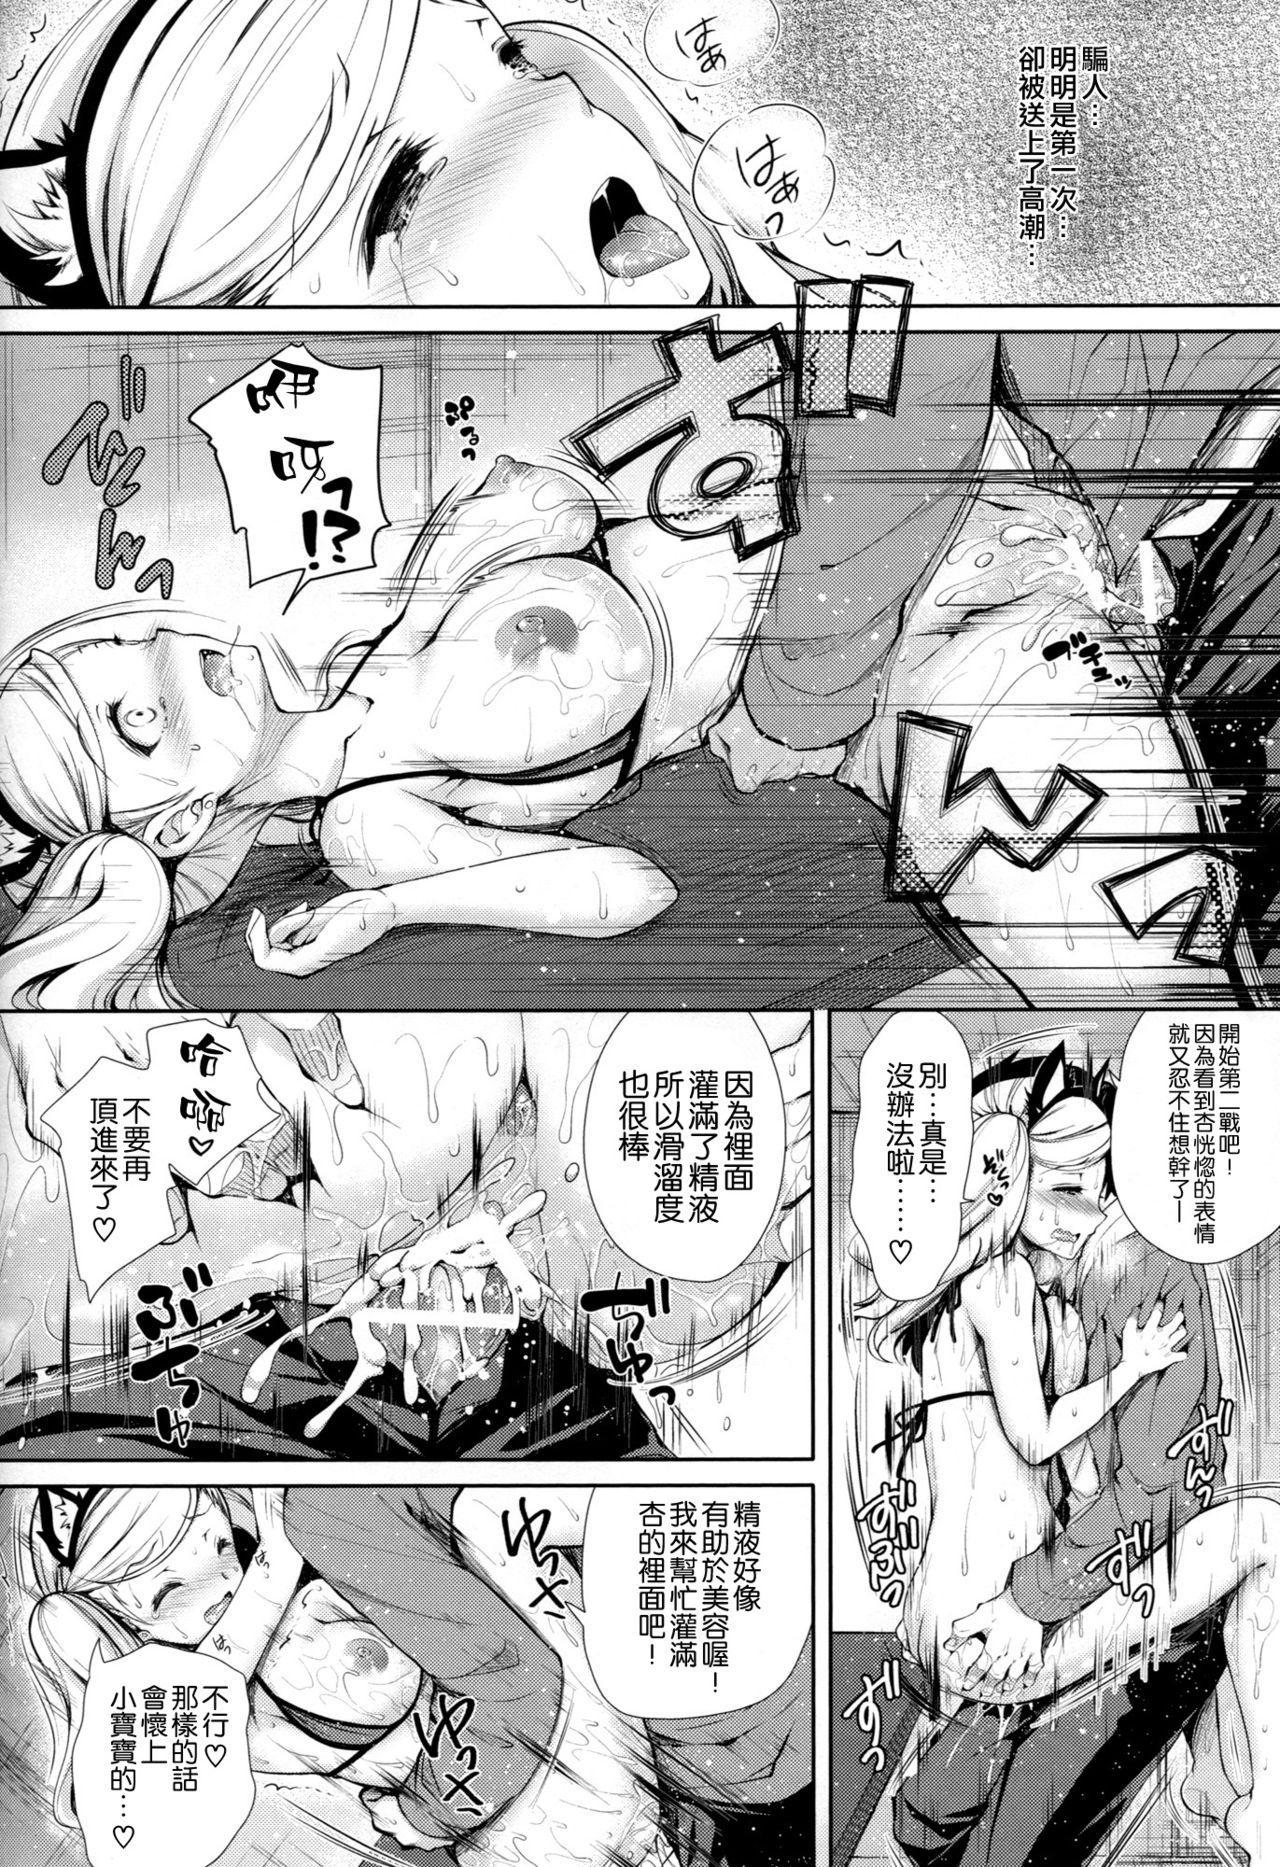 Persona Erochika 13